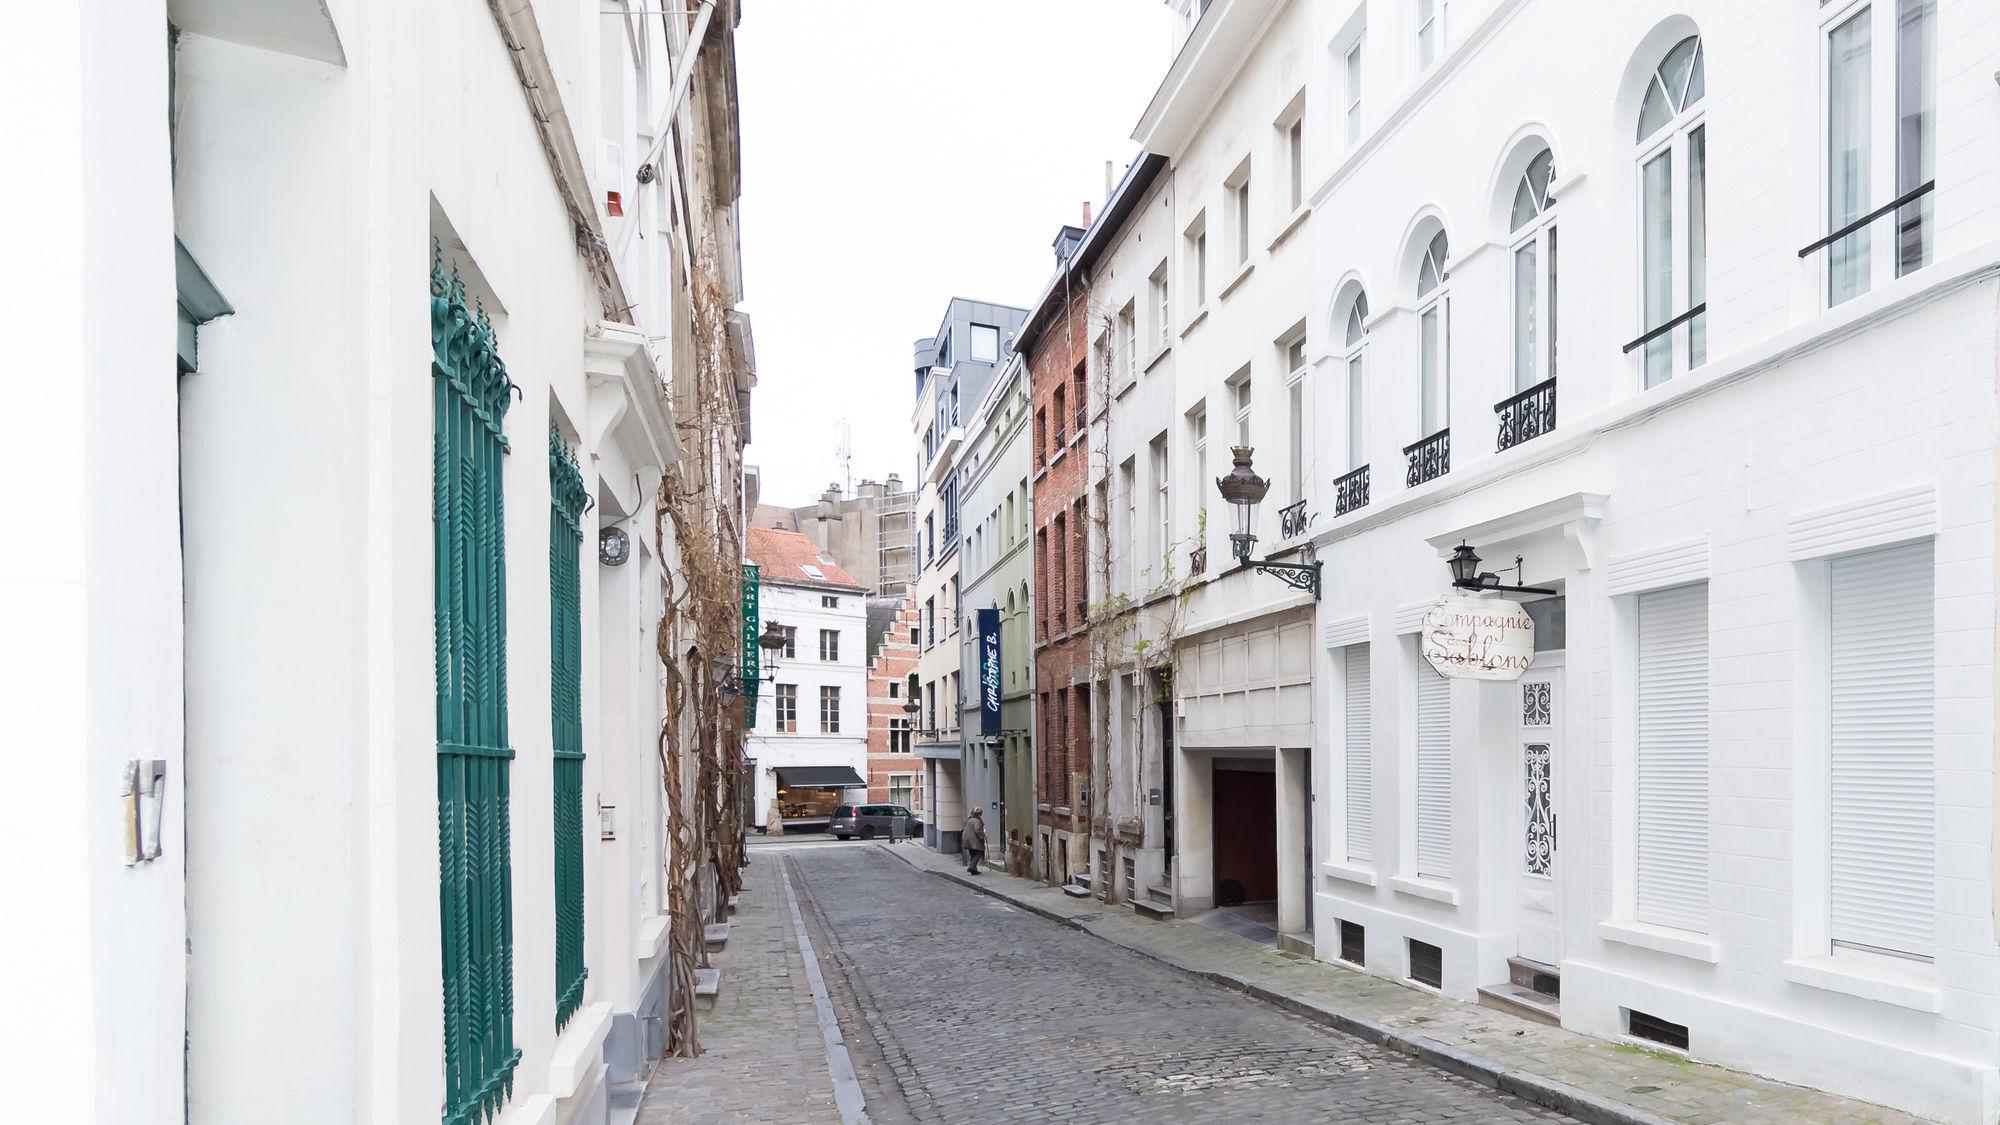 Compagnie Des Sablons Apartments